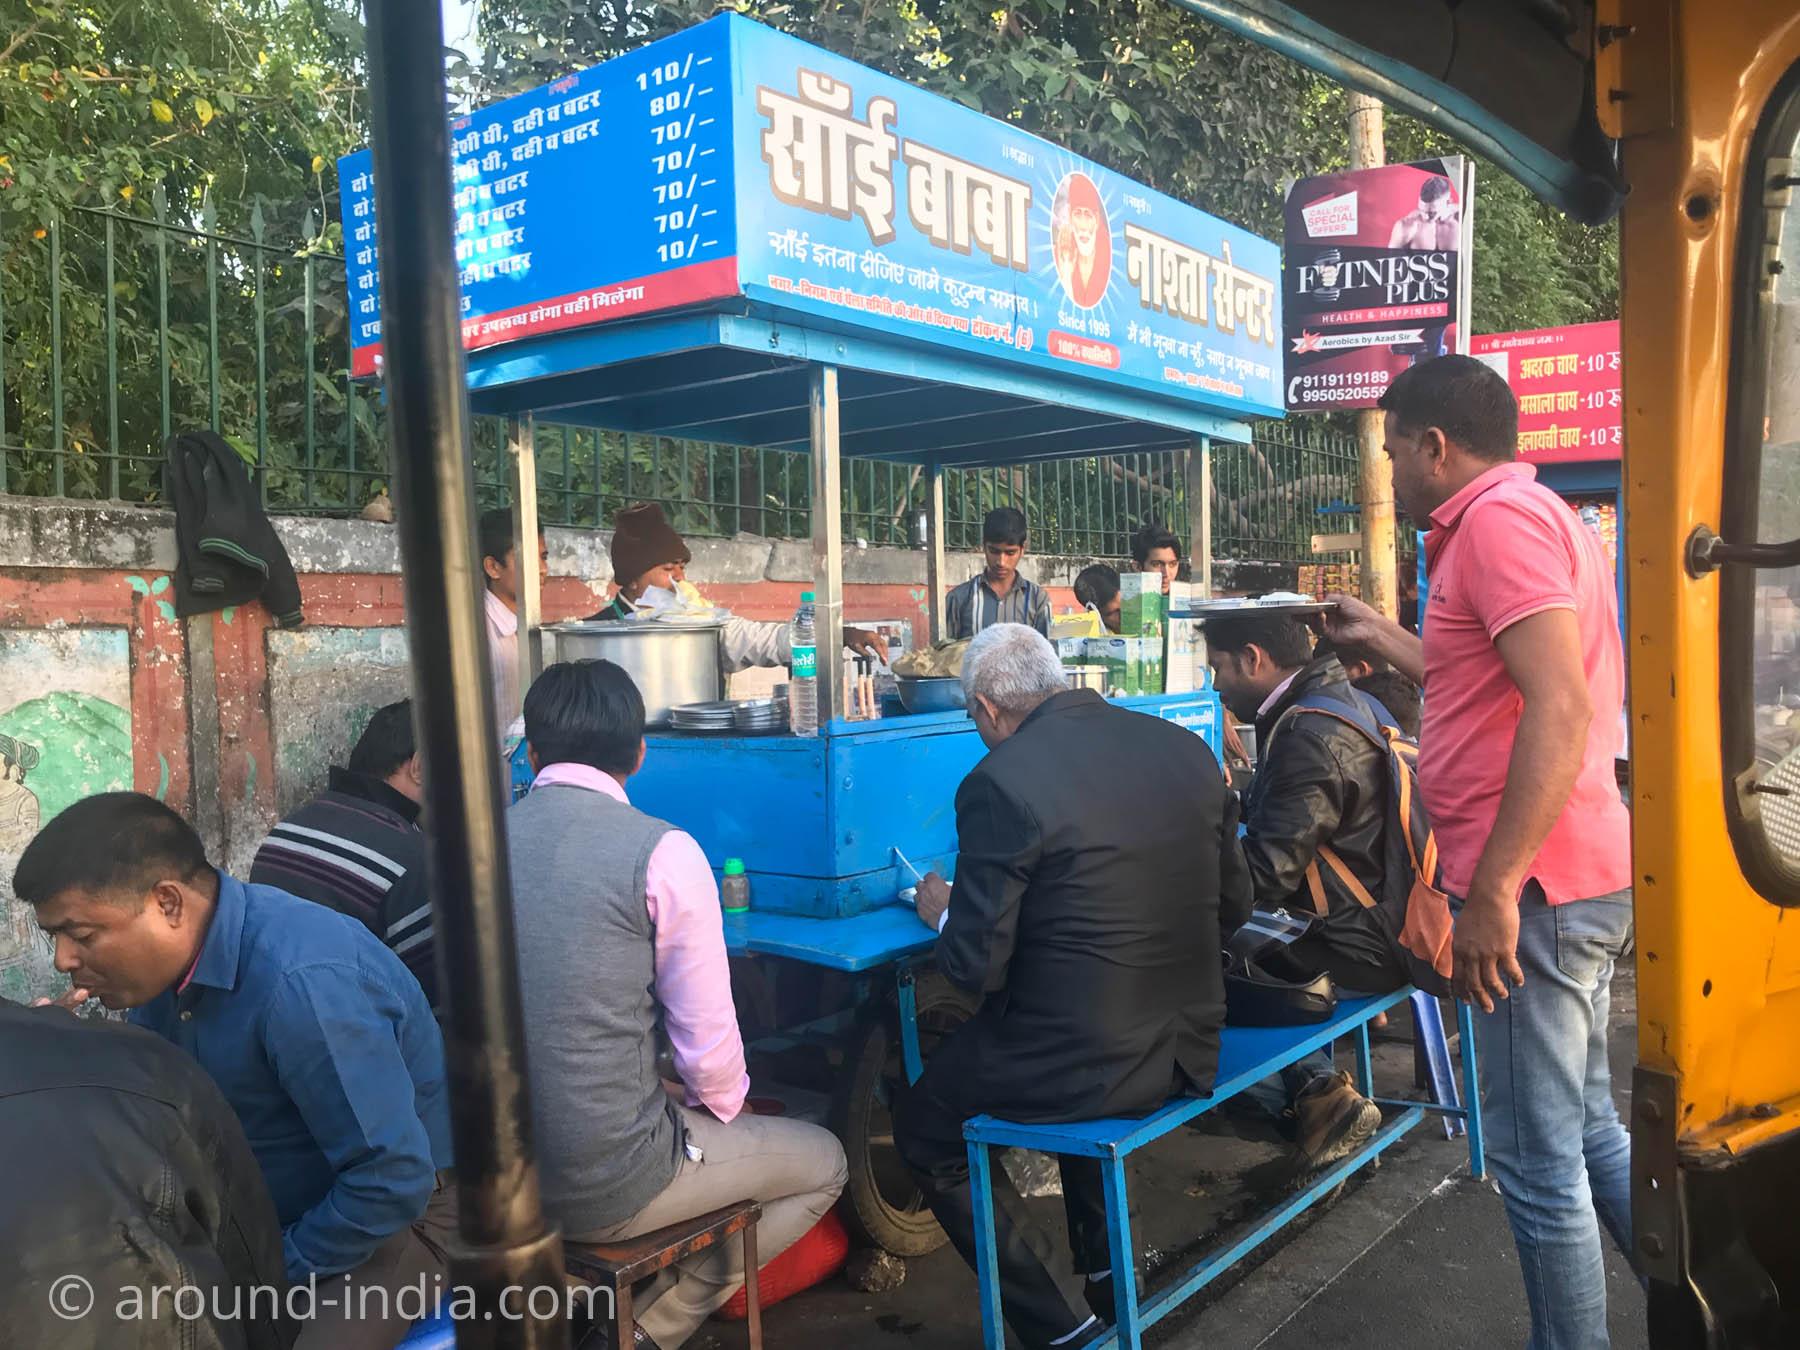 ウダイプルの朝ごはん、sai baba paratha ドライバーさんが買いに行ってくれました。